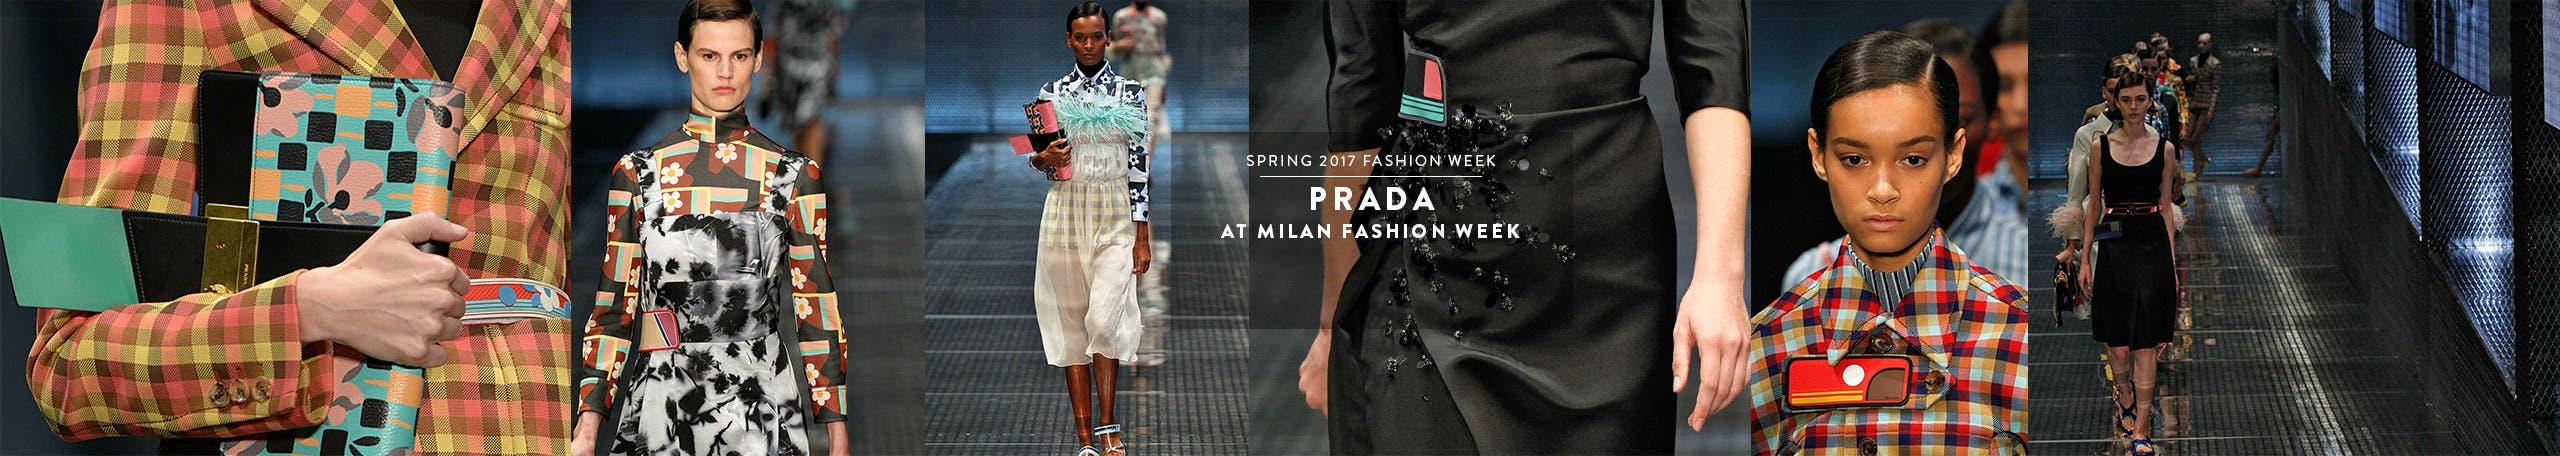 Prada at Milan Fashion Week, spring 2017.